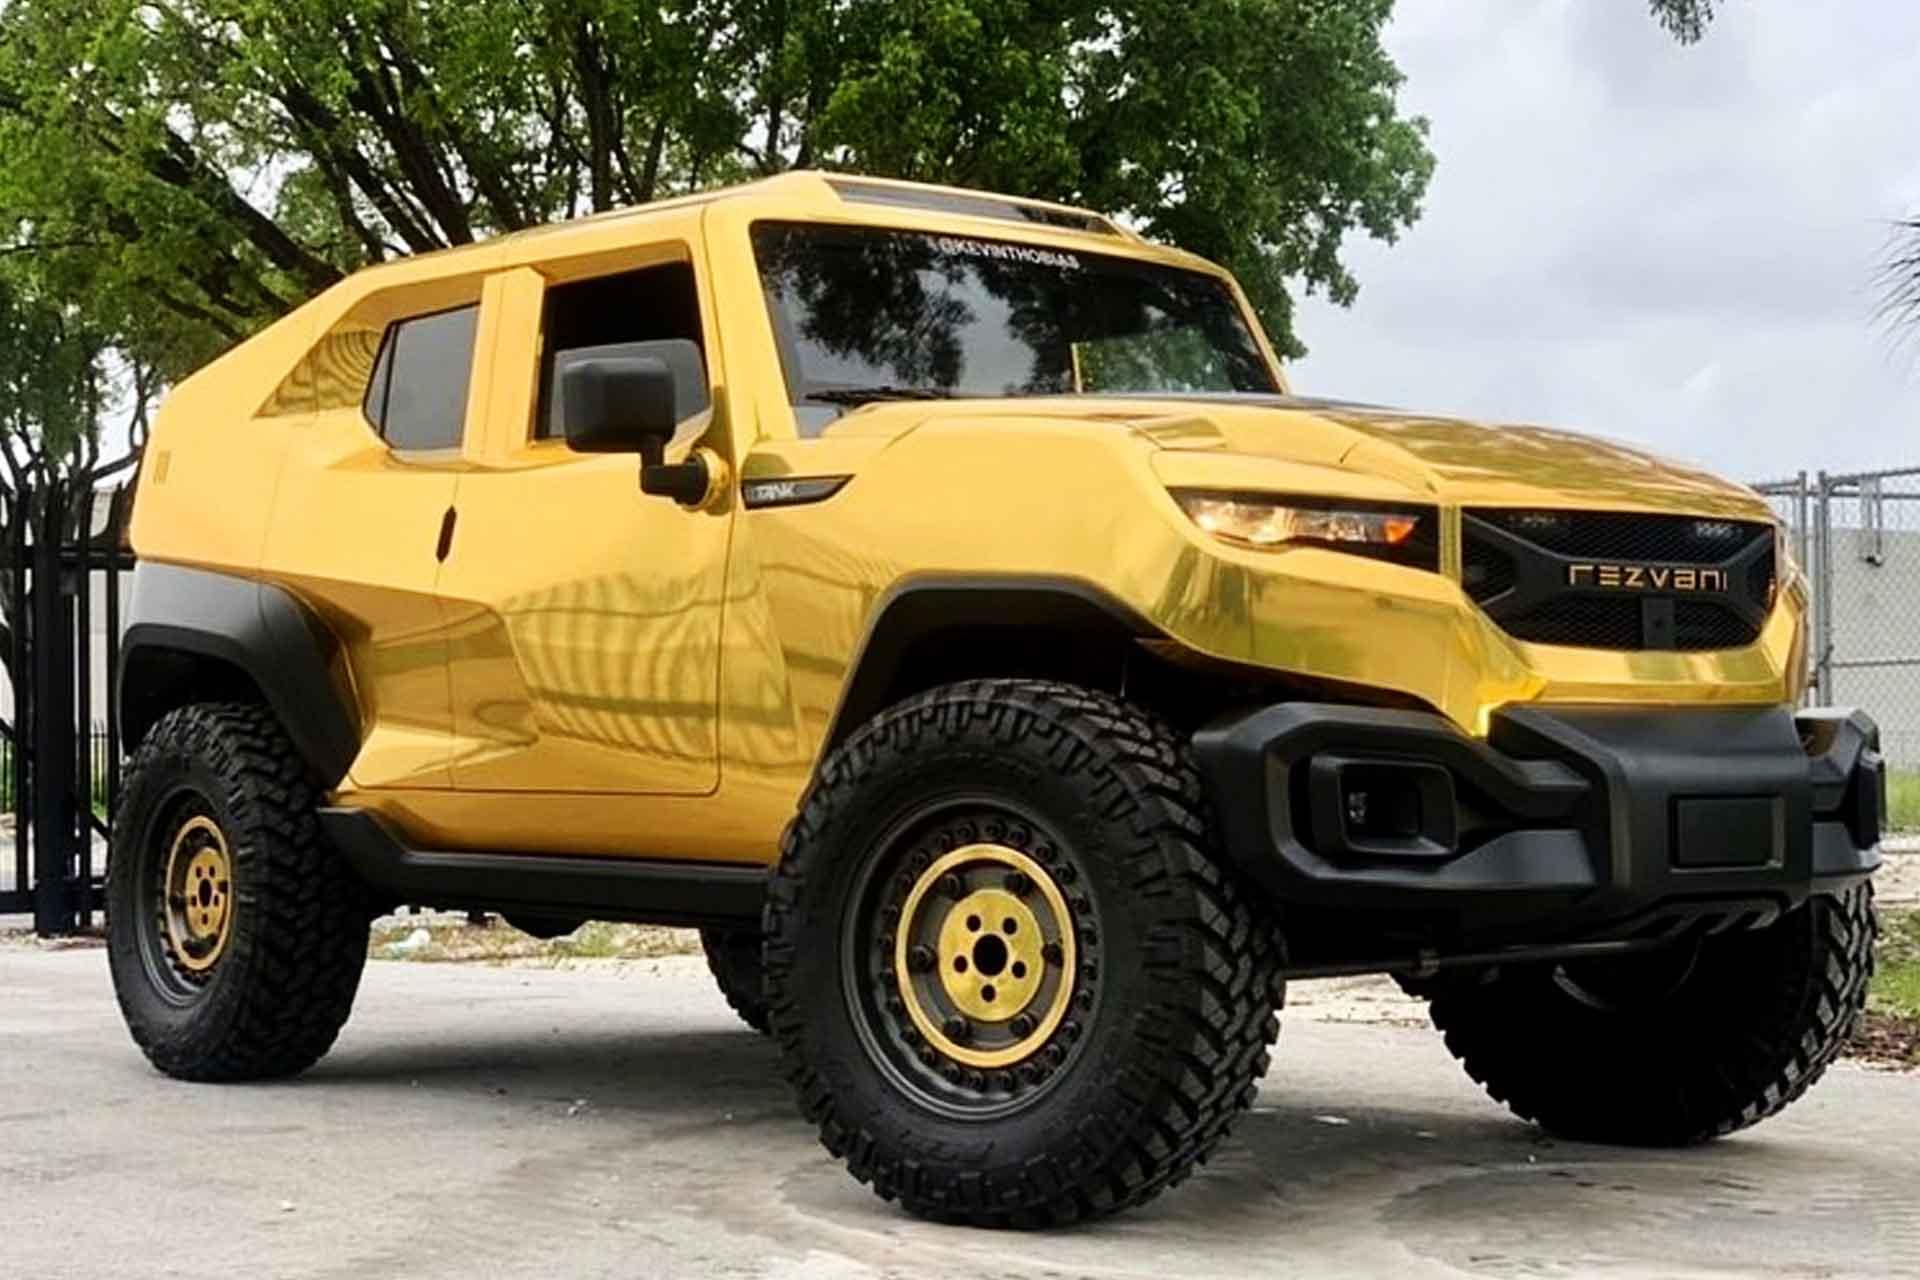 Gold Rezvani Tank Suv Uncrate